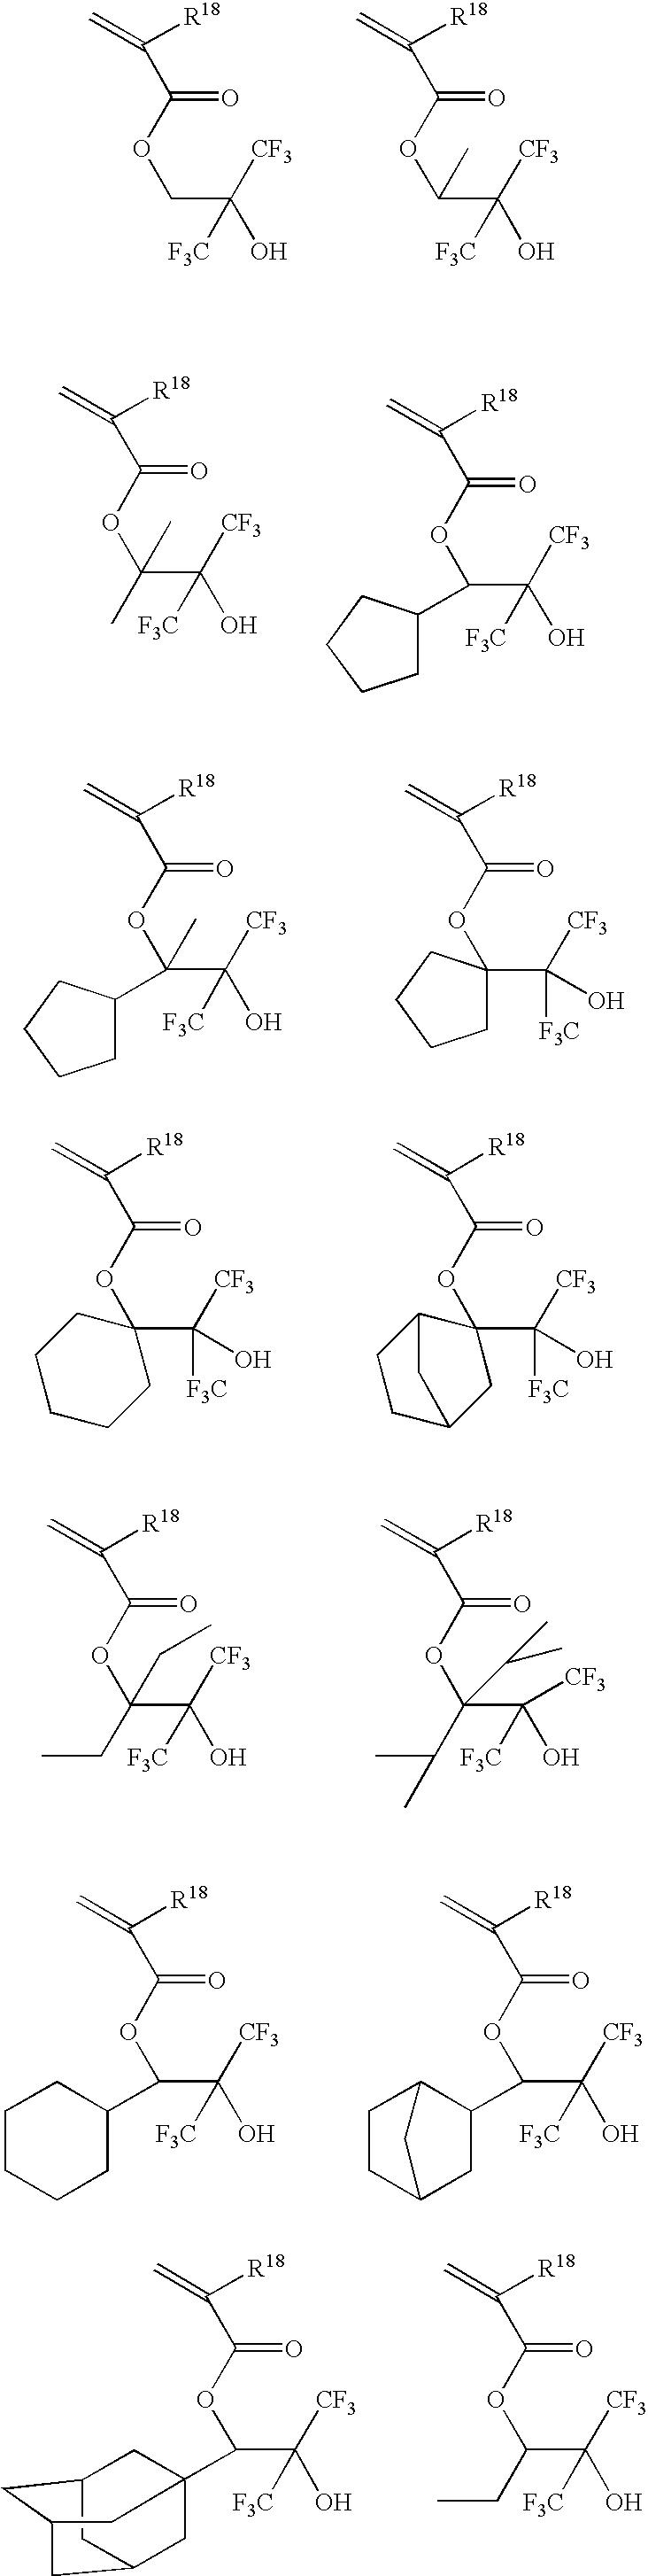 Figure US20100178617A1-20100715-C00055